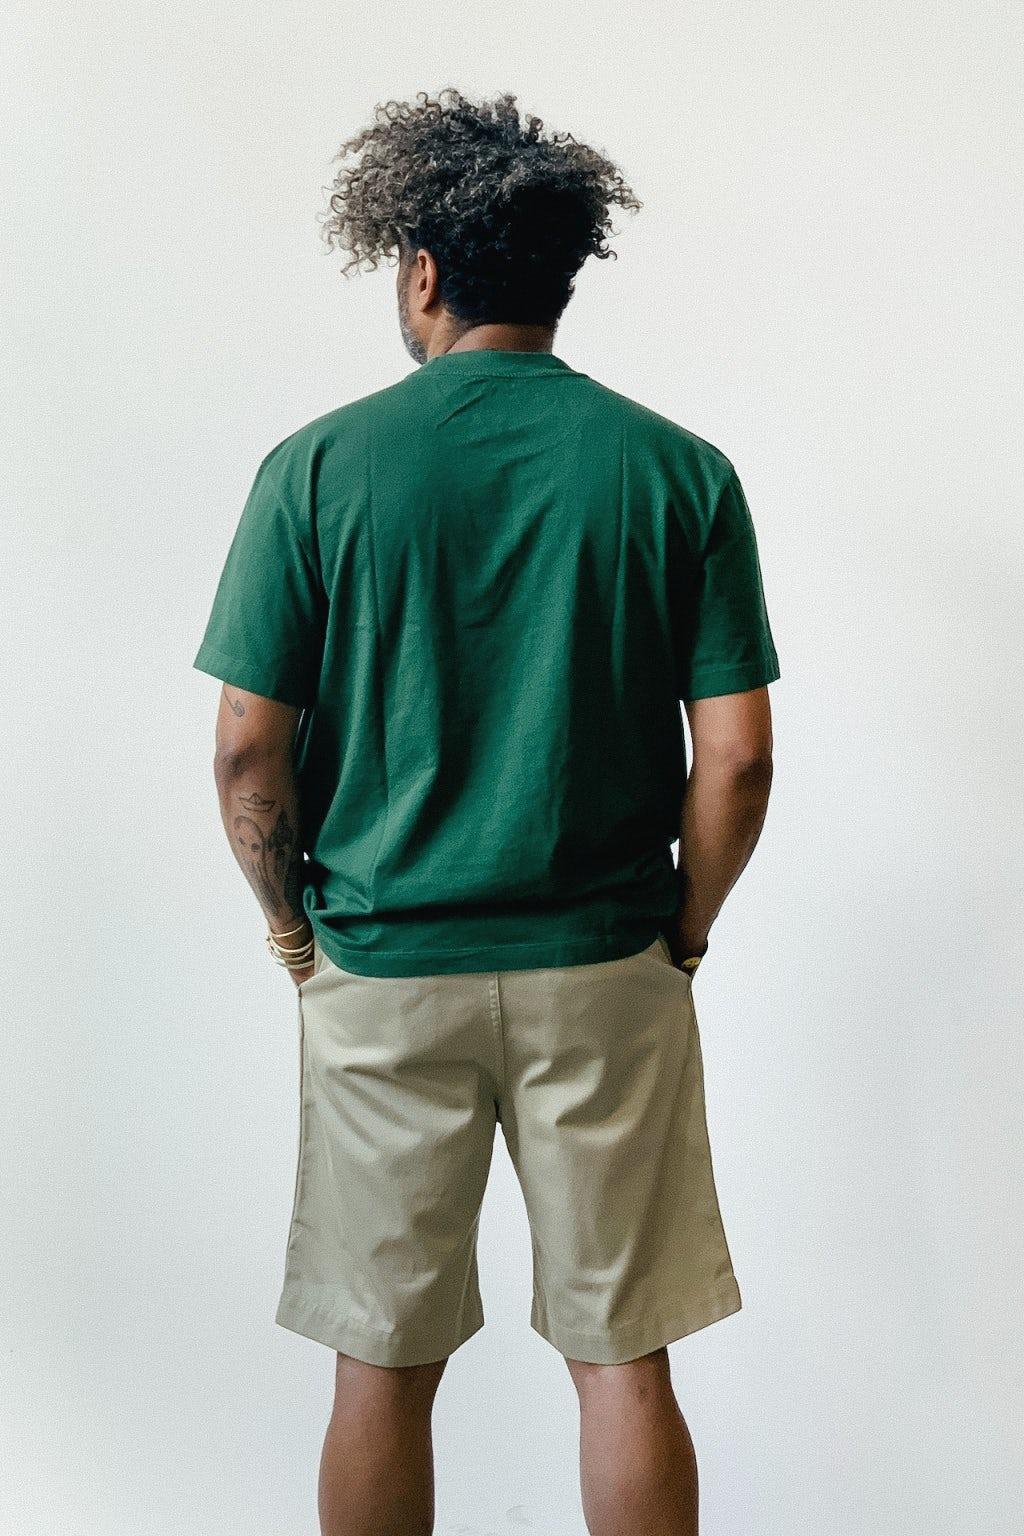 Lady White Co. Athens T-Shirt Athos Green